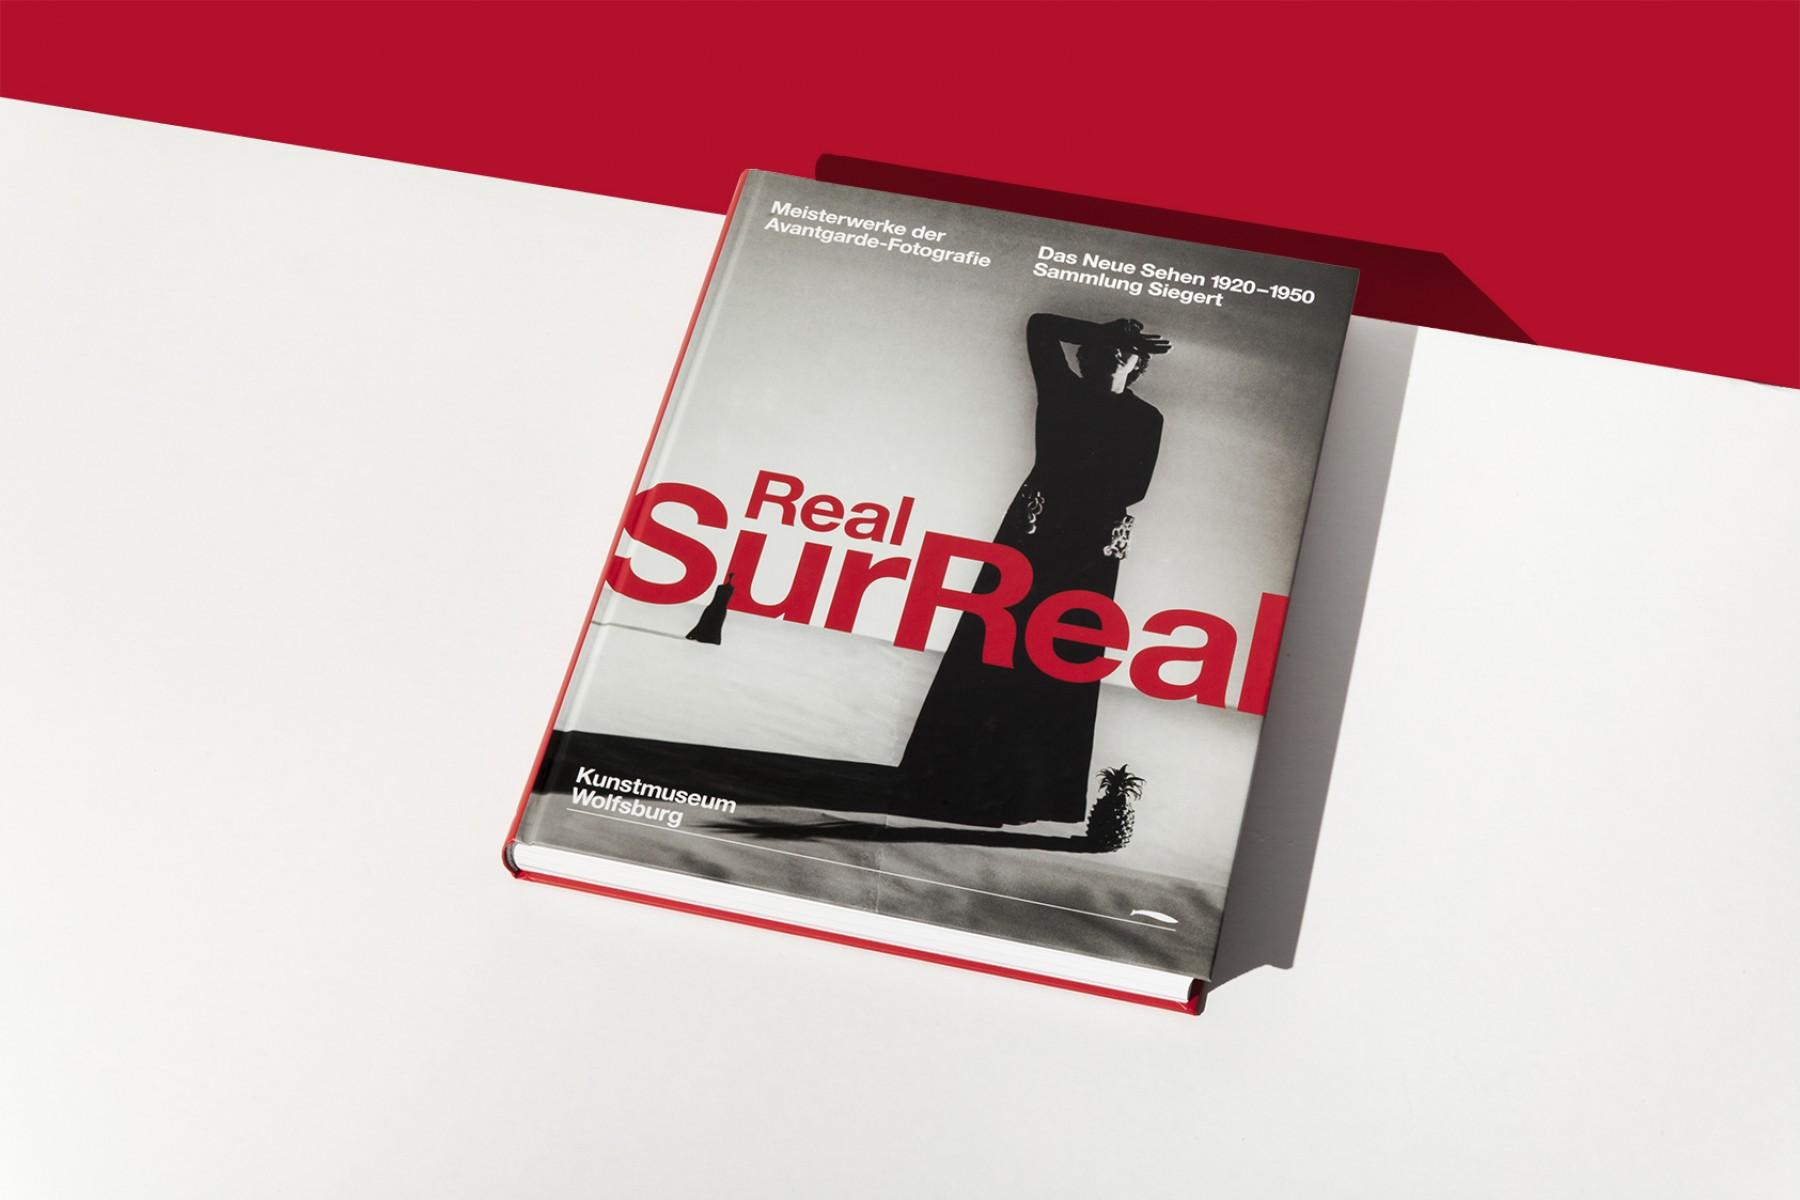 RealSurreal  Meisterwerke der Avantgarde-Fotografie. Das Neue Sehen 1920–1950. Sammlung Siegert